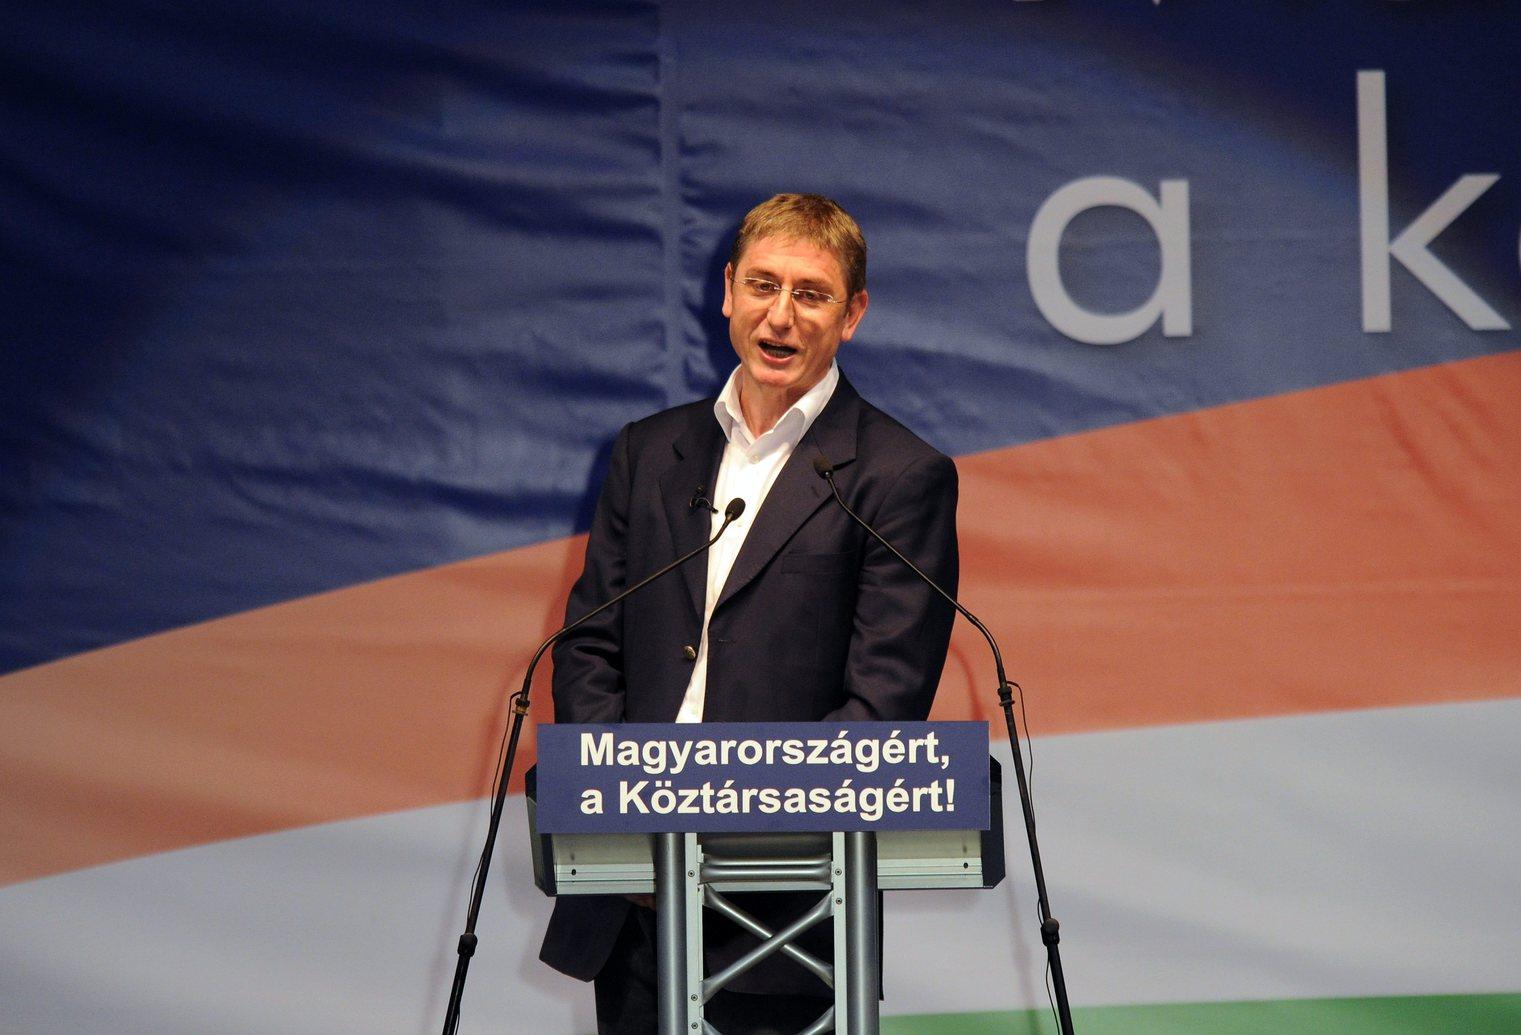 Gyurcsány Ferenc volt szocialista miniszterelnök értékelő beszédét tartja a budapesti körcsarnokban 2010. március 19-én (Fotó: MTI/Illyés Tibor)